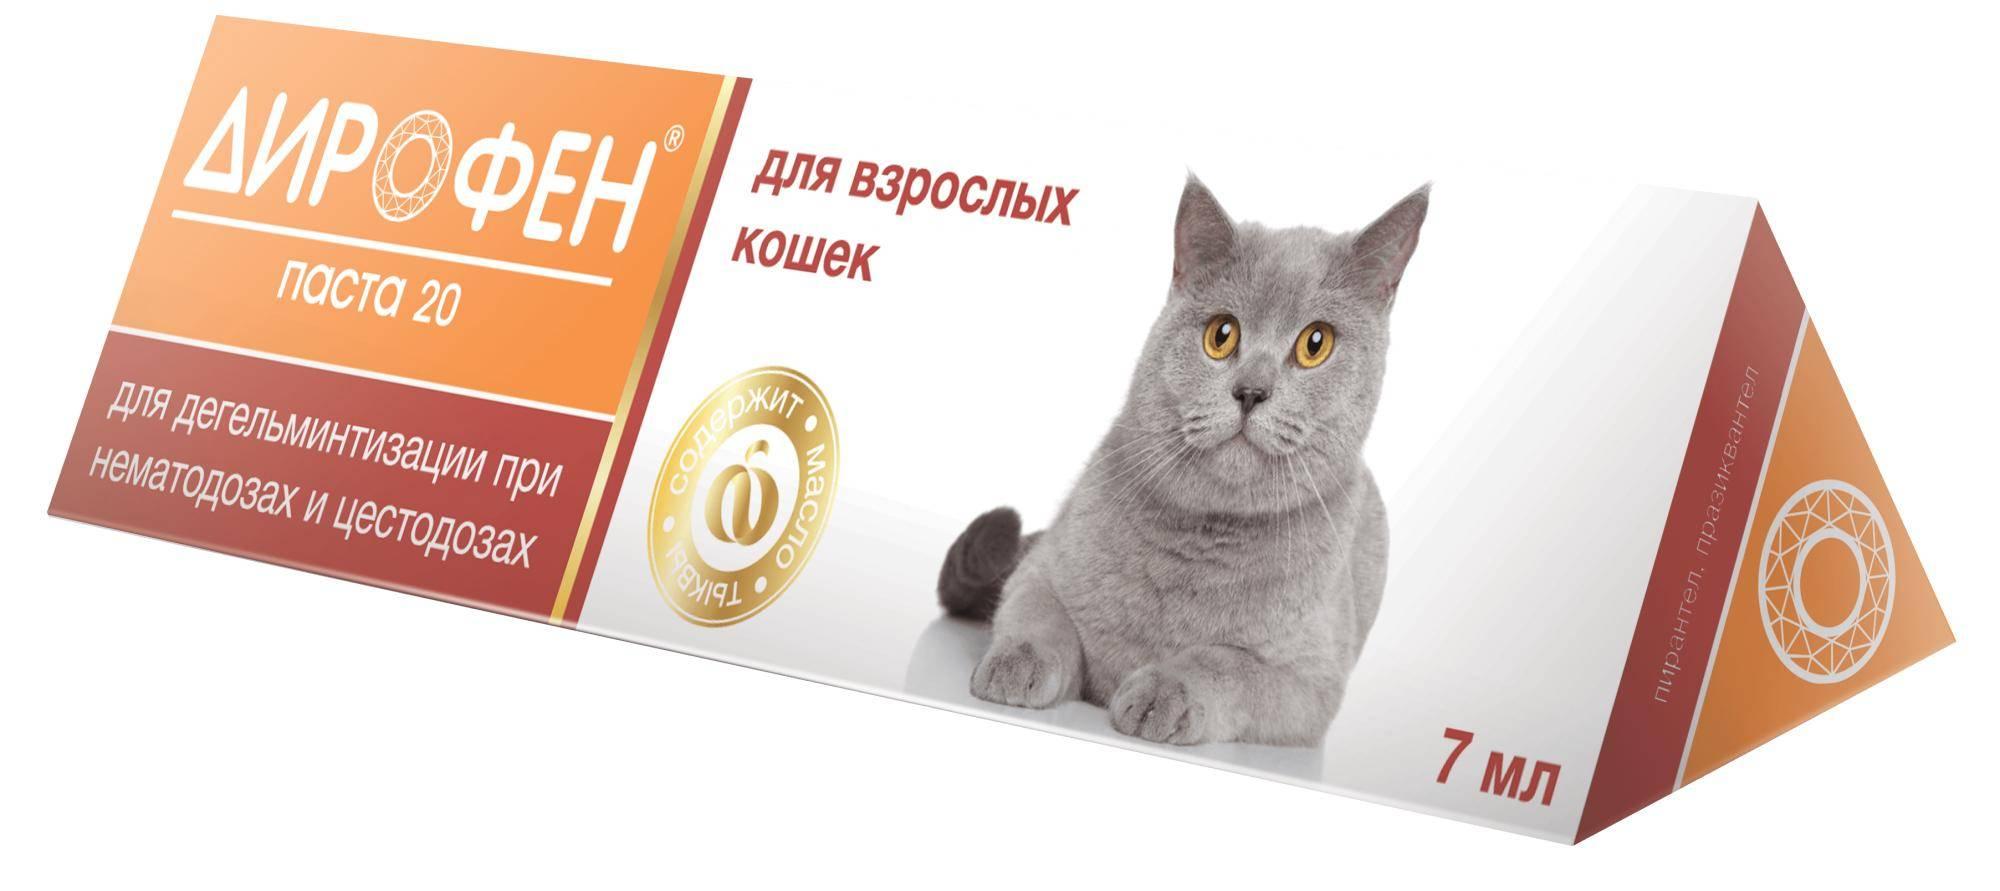 Дирофен от глистов для кошек: инструкция по применению